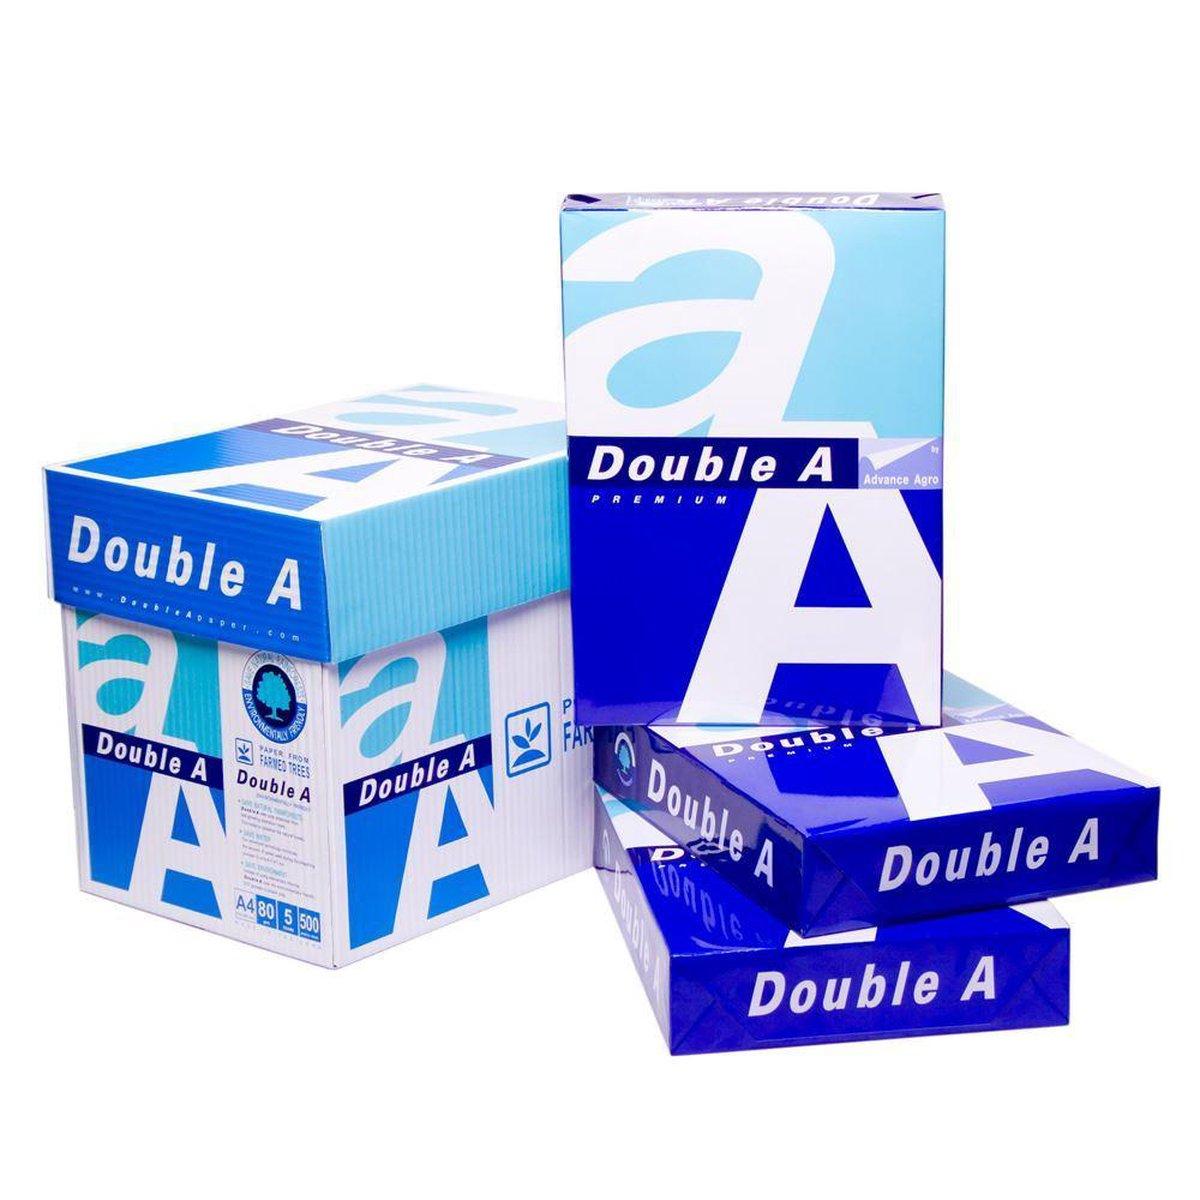 Double A A4- printpapier - 500 vellen - 1 pak op De Prijzenvolger